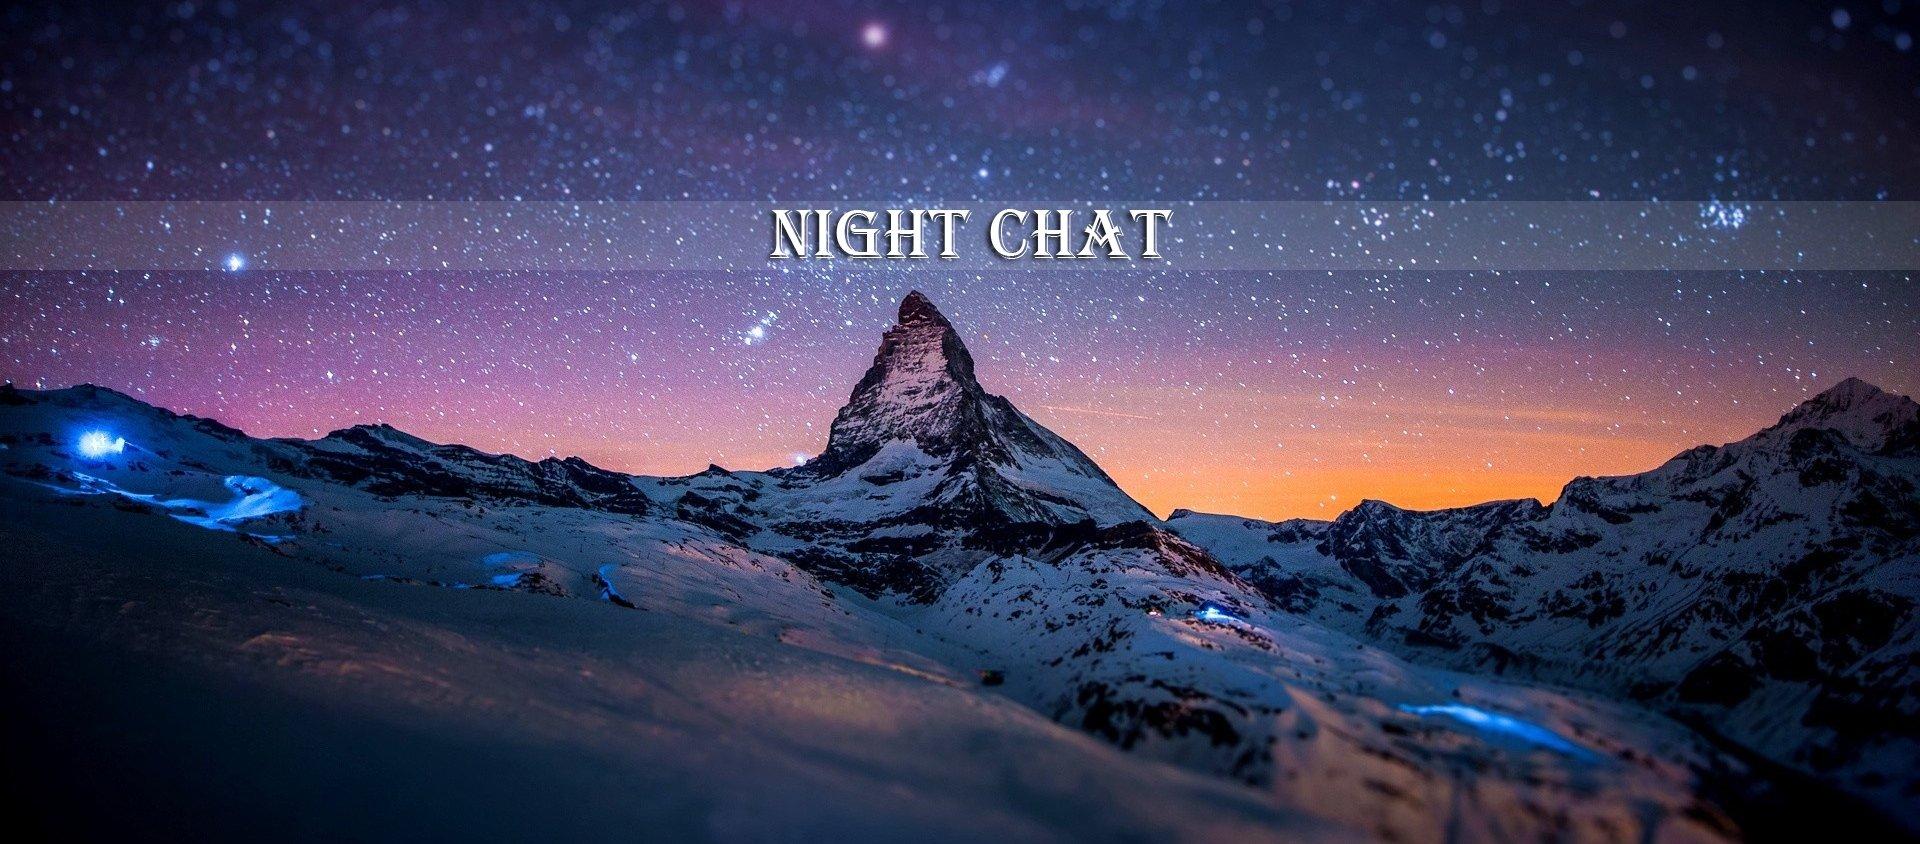 Помнится, полгода назад устраивали по вечерам-ночам такие вот чаты для тех, кто хочет не спать, а разговаривать. Сюд ... - Изображение 1